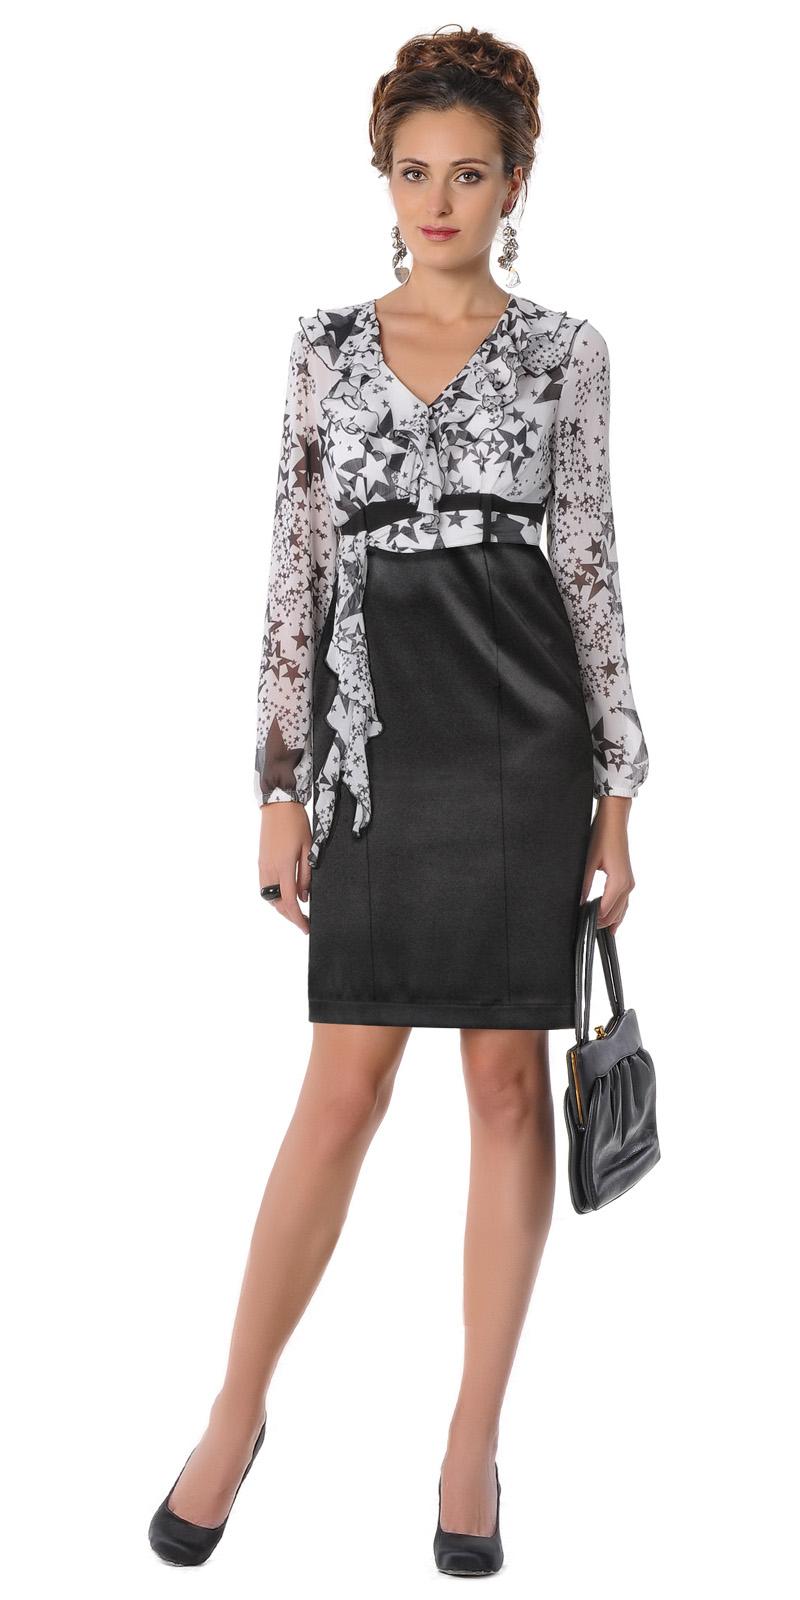 Вечернее платье 471 | Недорогие вечерние платья | Вечерние платья